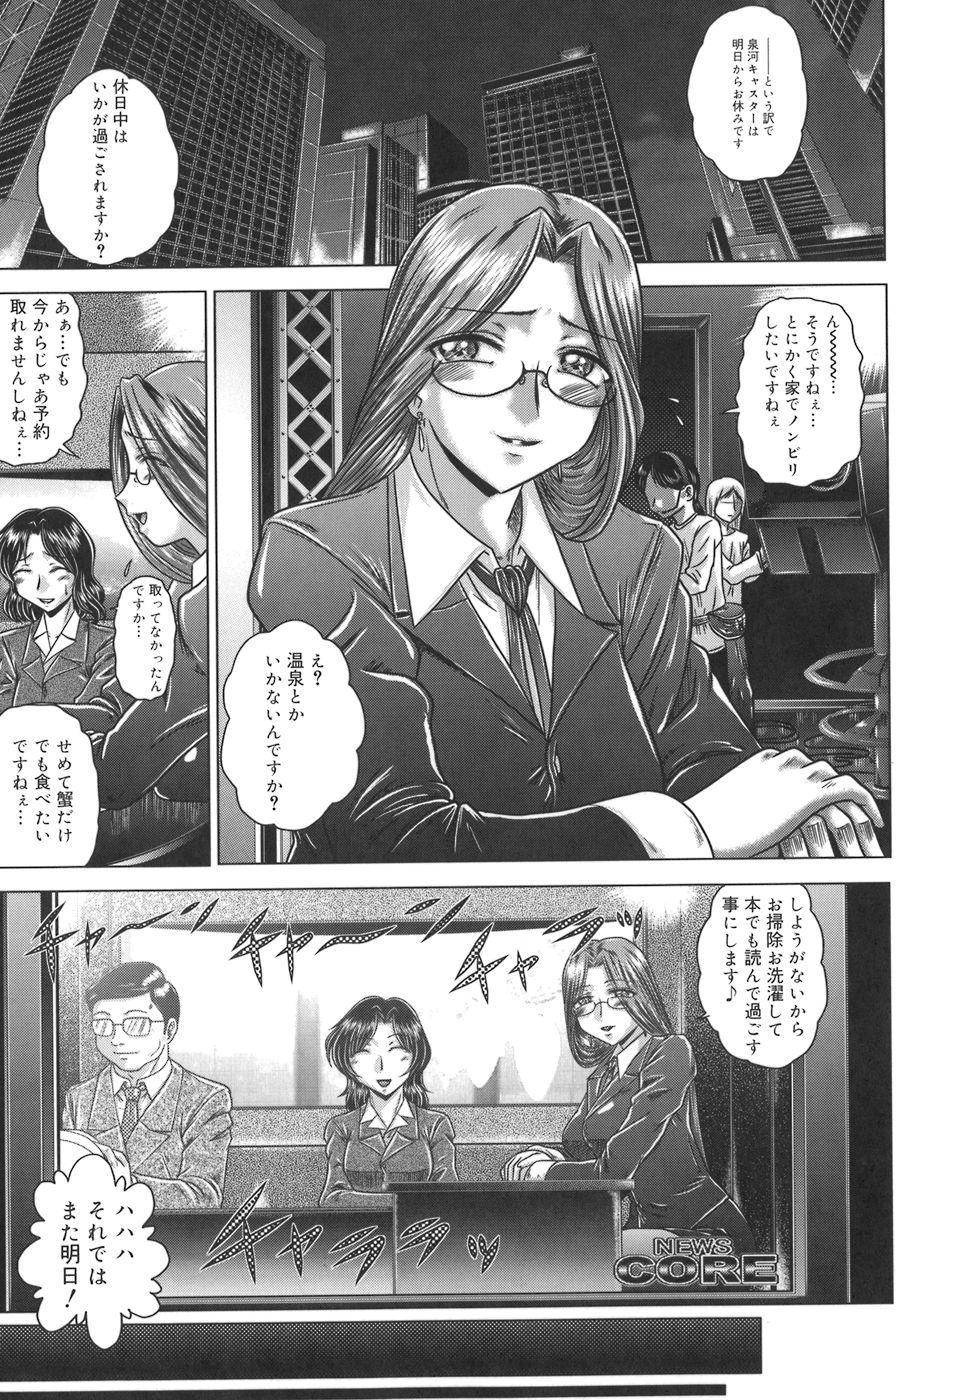 Iroka no Himitsu 93